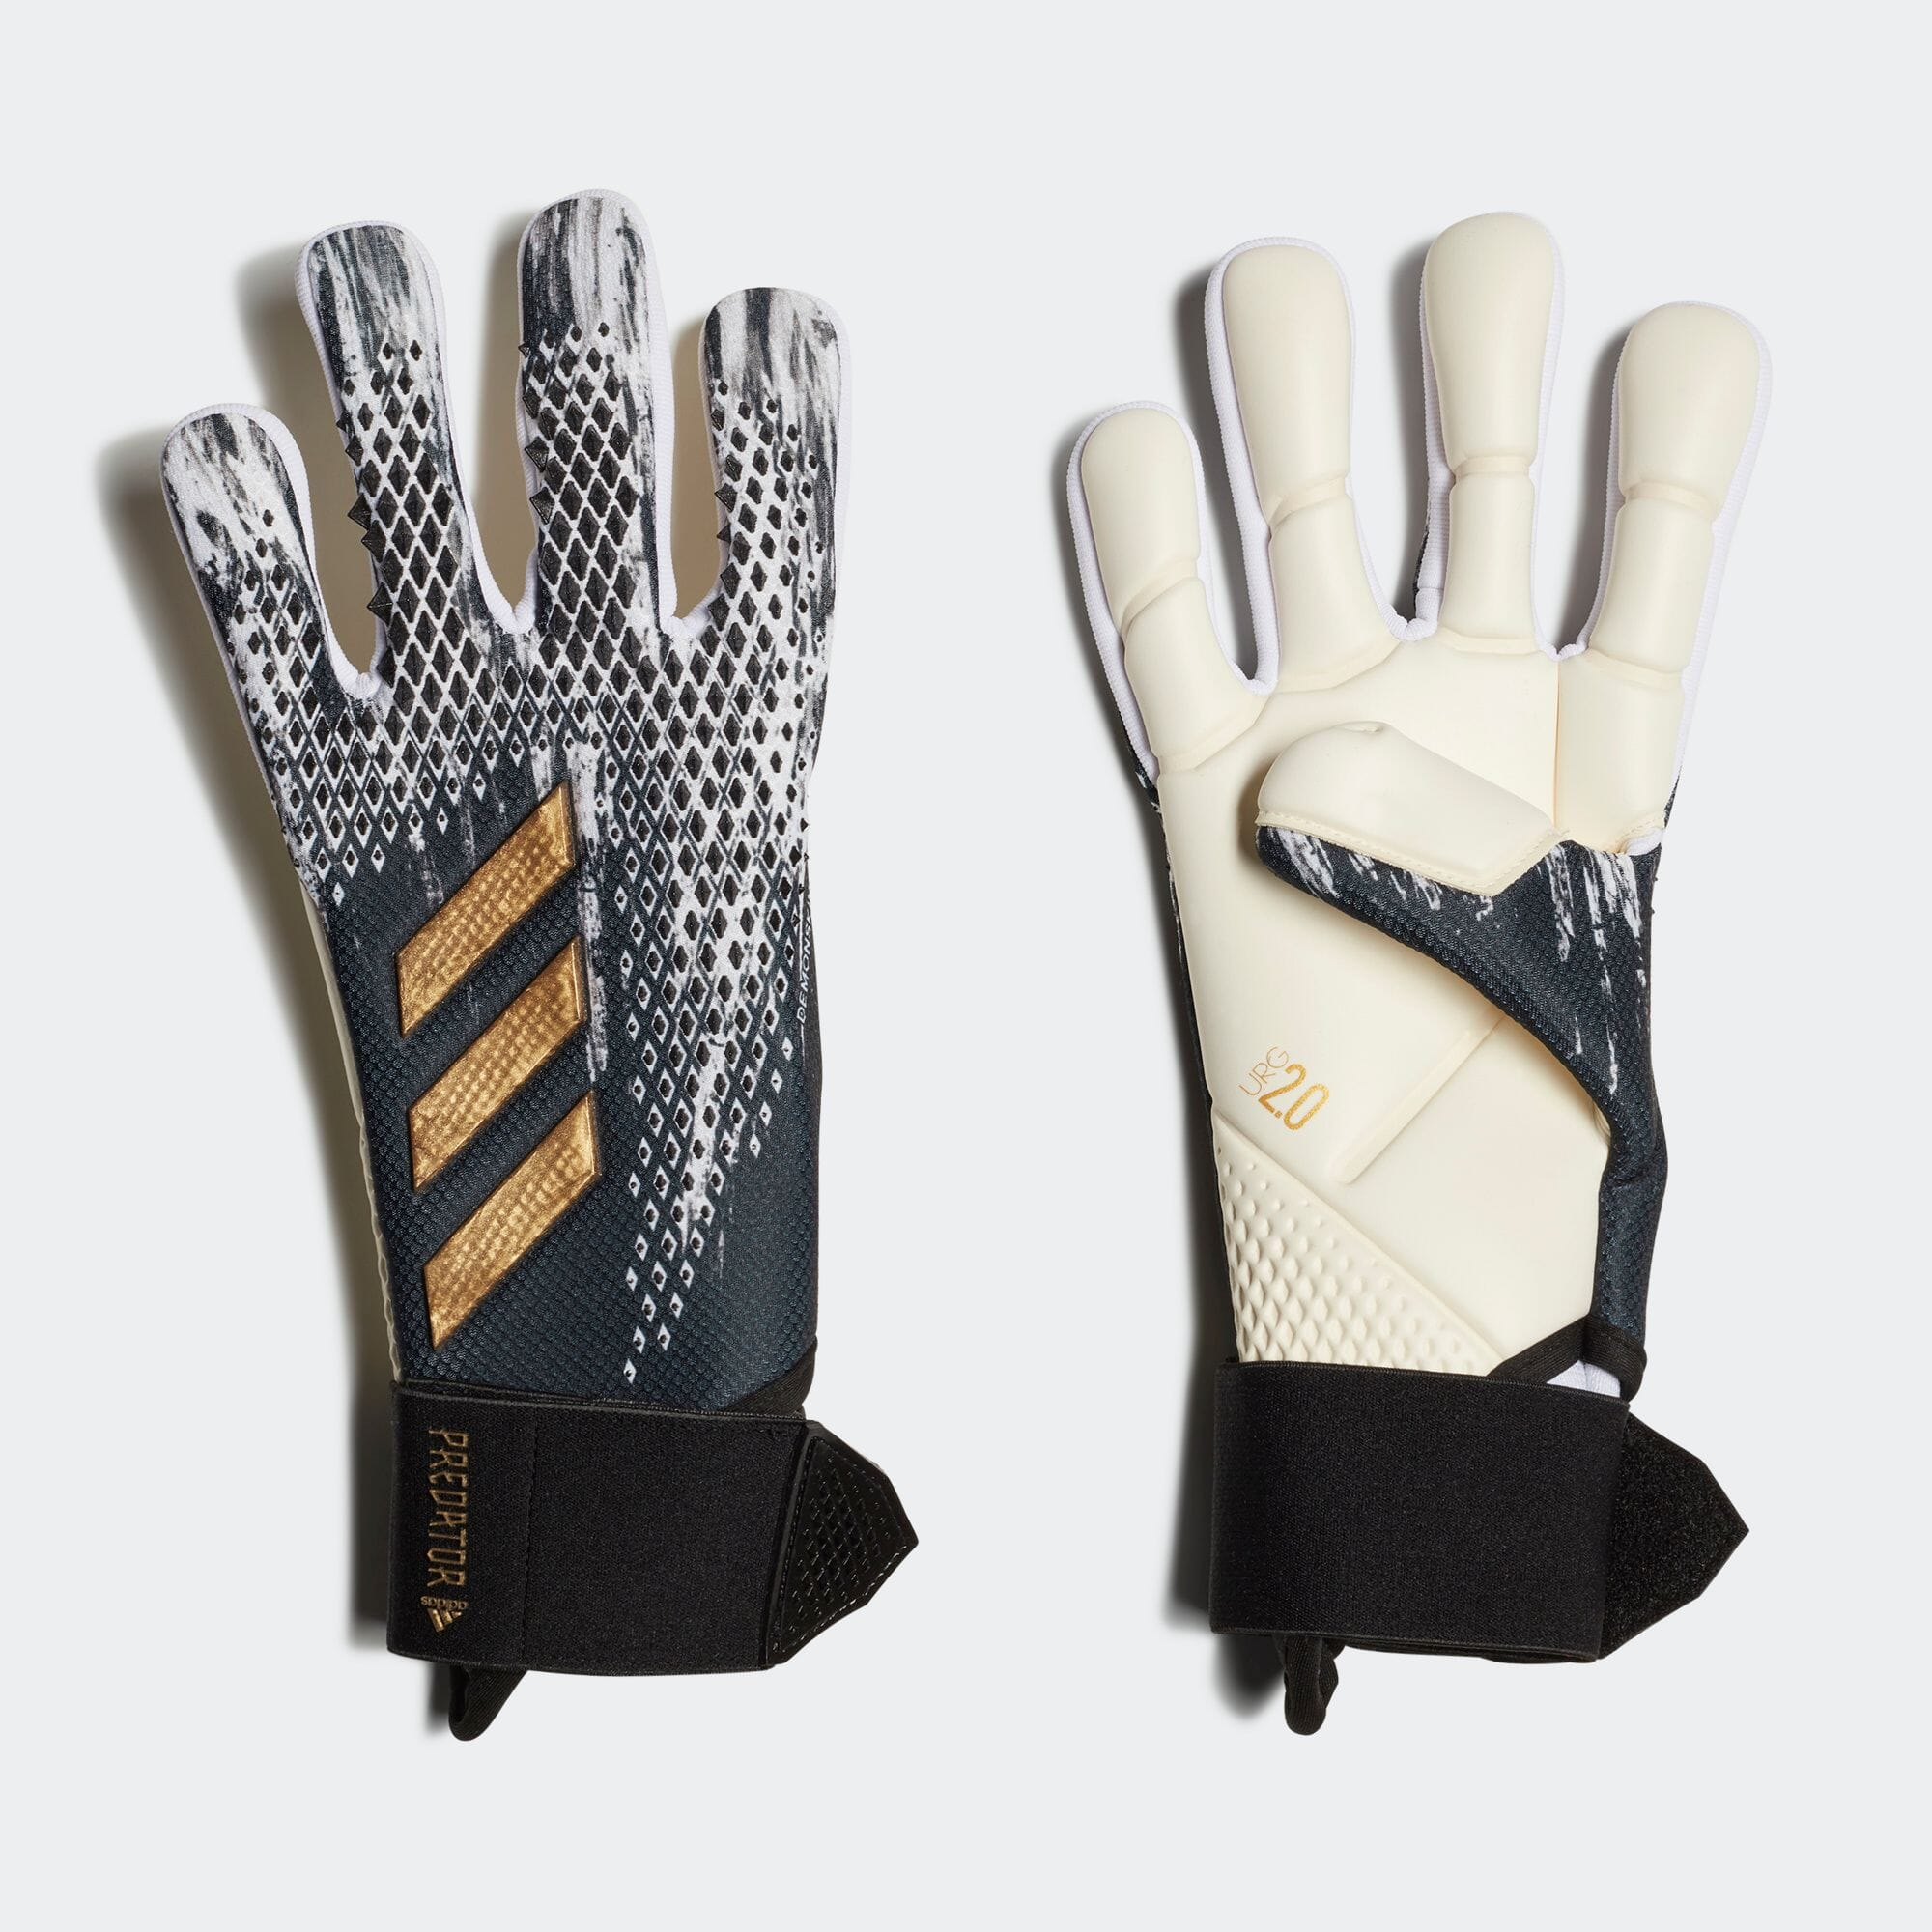 プレデター 20 コンペティション グローブ / Predator 20 Competition Gloves